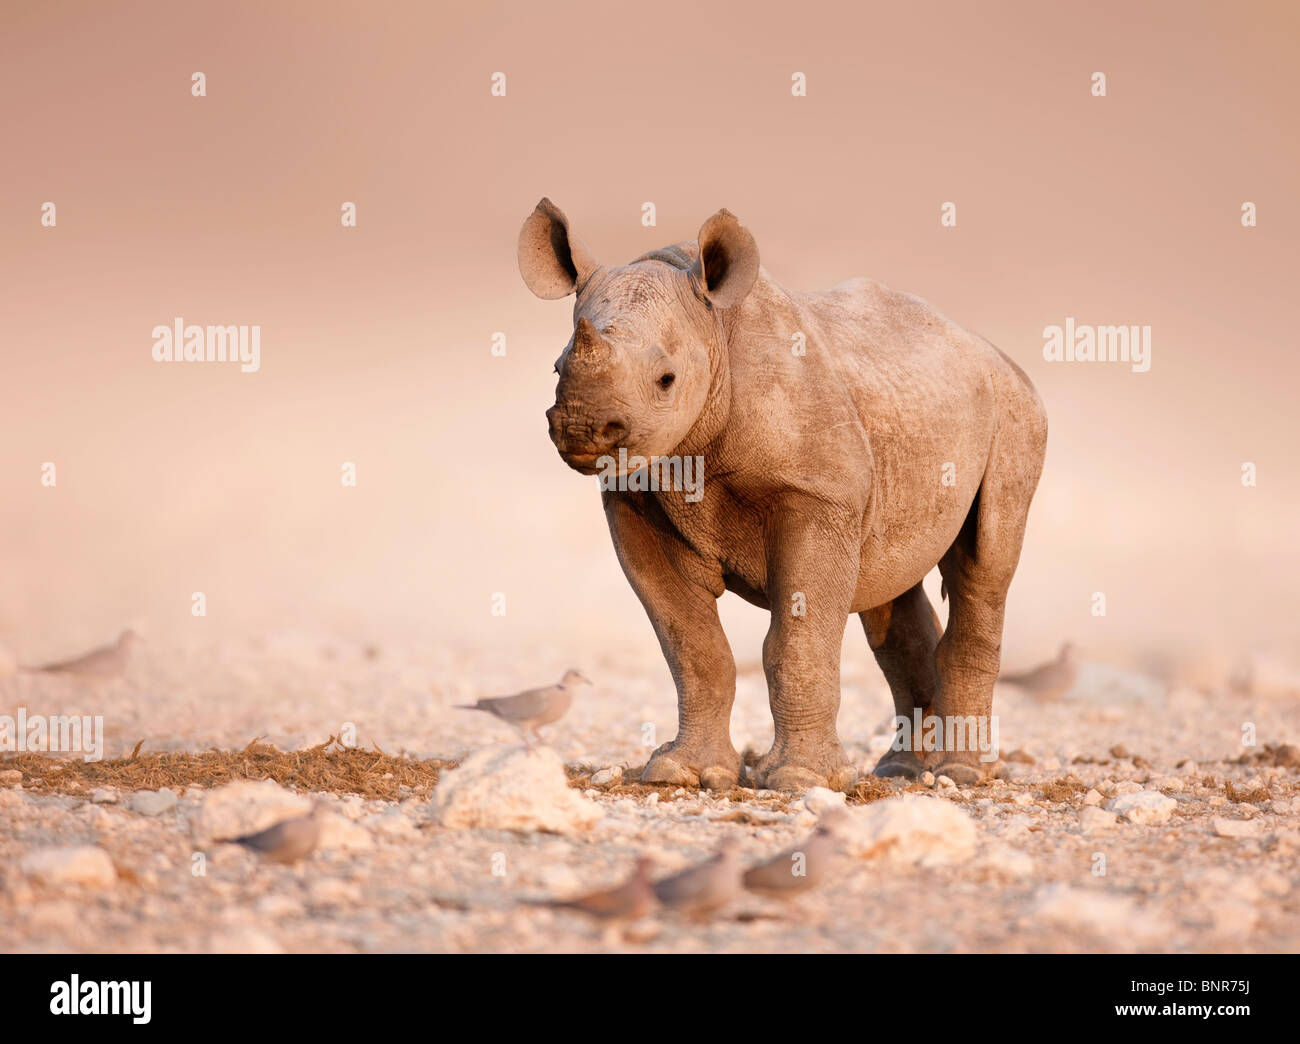 Baby Black Rhinoceros standing alone on salty plains of Etosha (Namibia) - Stock Image